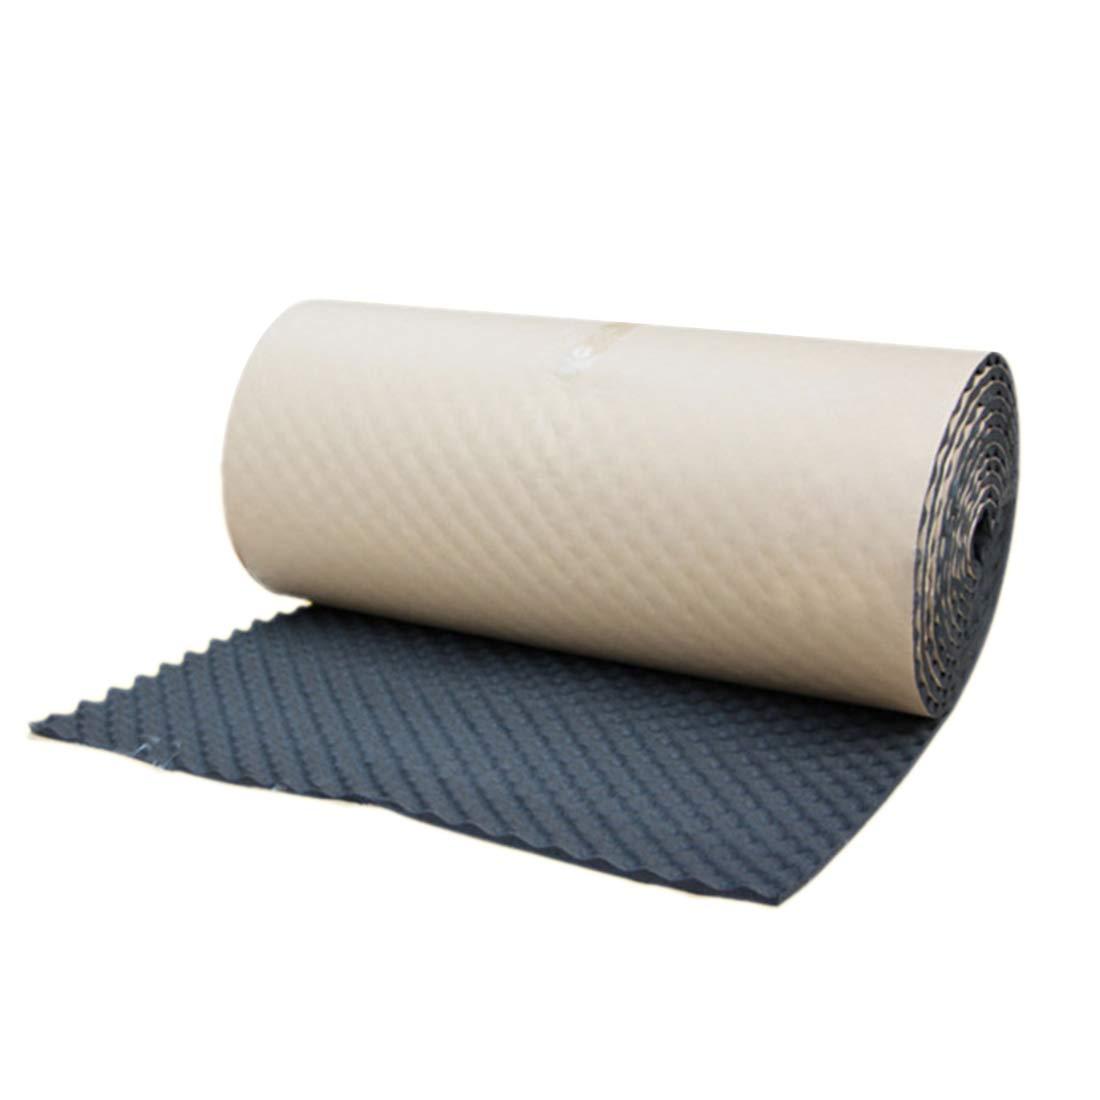 uxcell Studio Sound Acoustic Absorption Heatproof Foam Deadener 19.7'x39.4' 5.4sqft a16080100ux0626